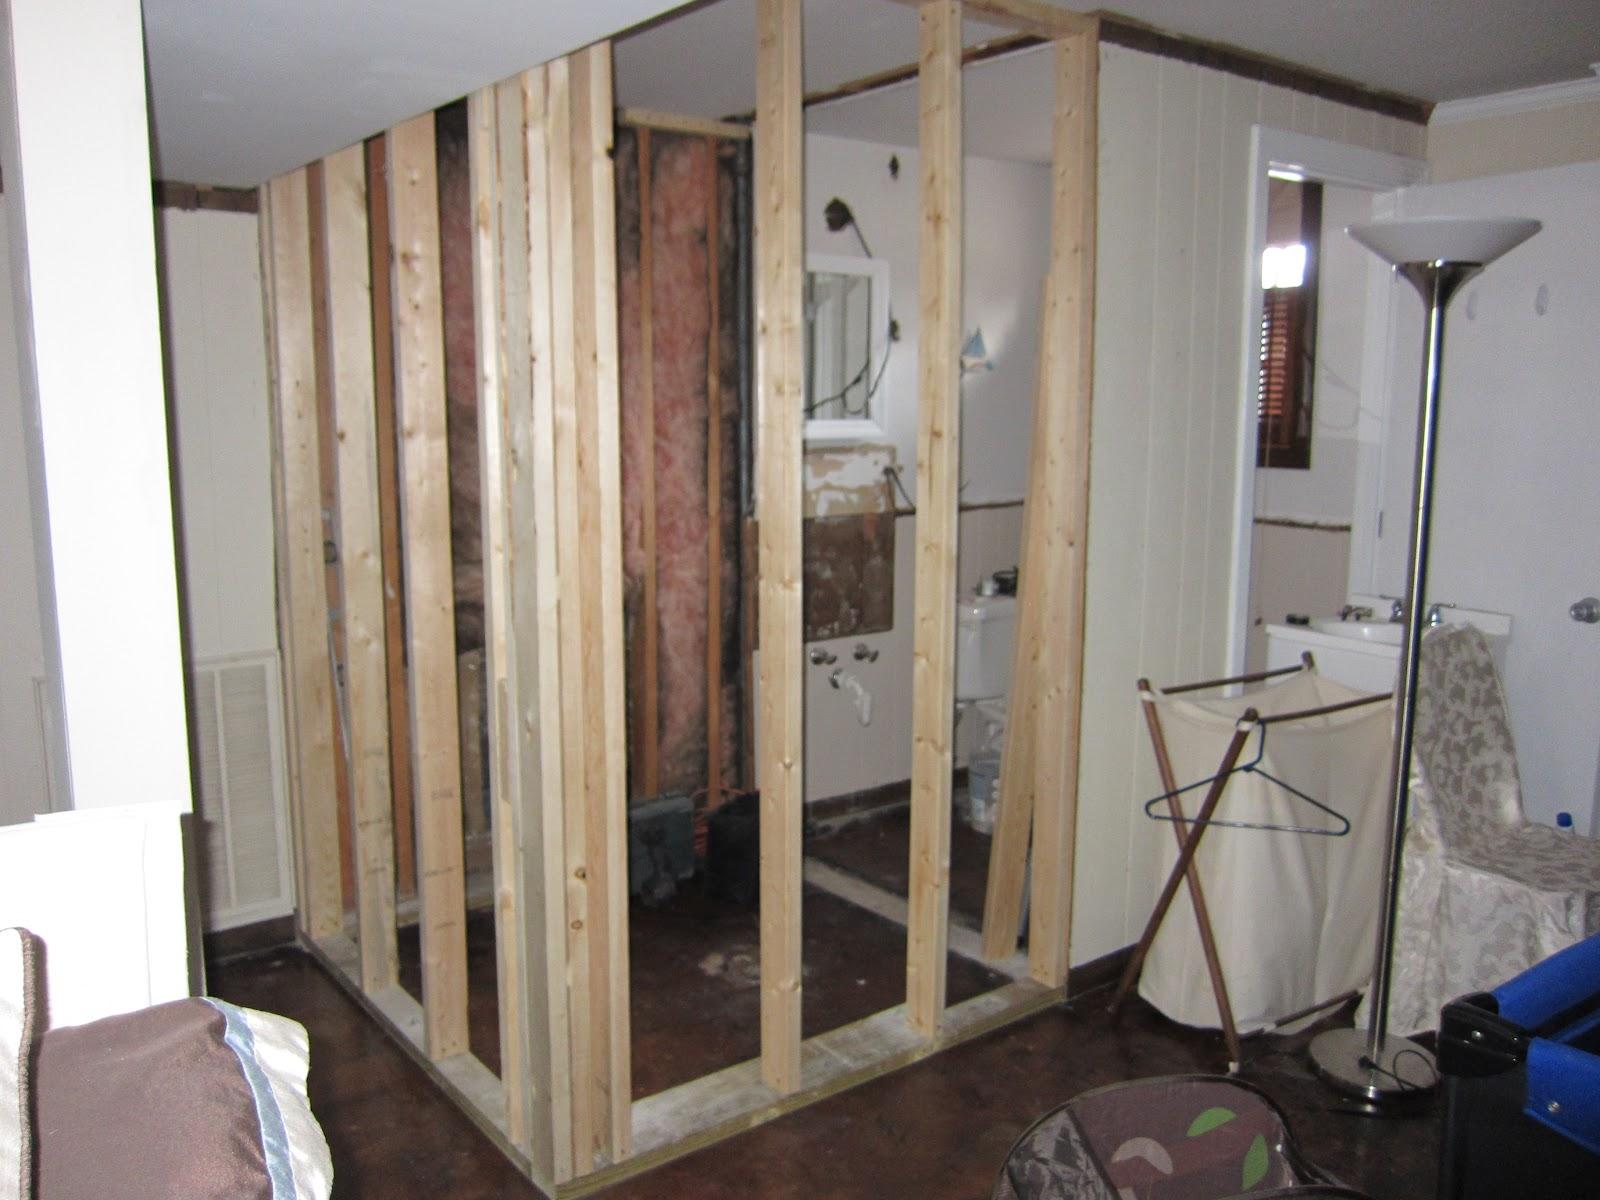 Frugal ain 39 t cheap diy bathroom addition for Bathroom addition